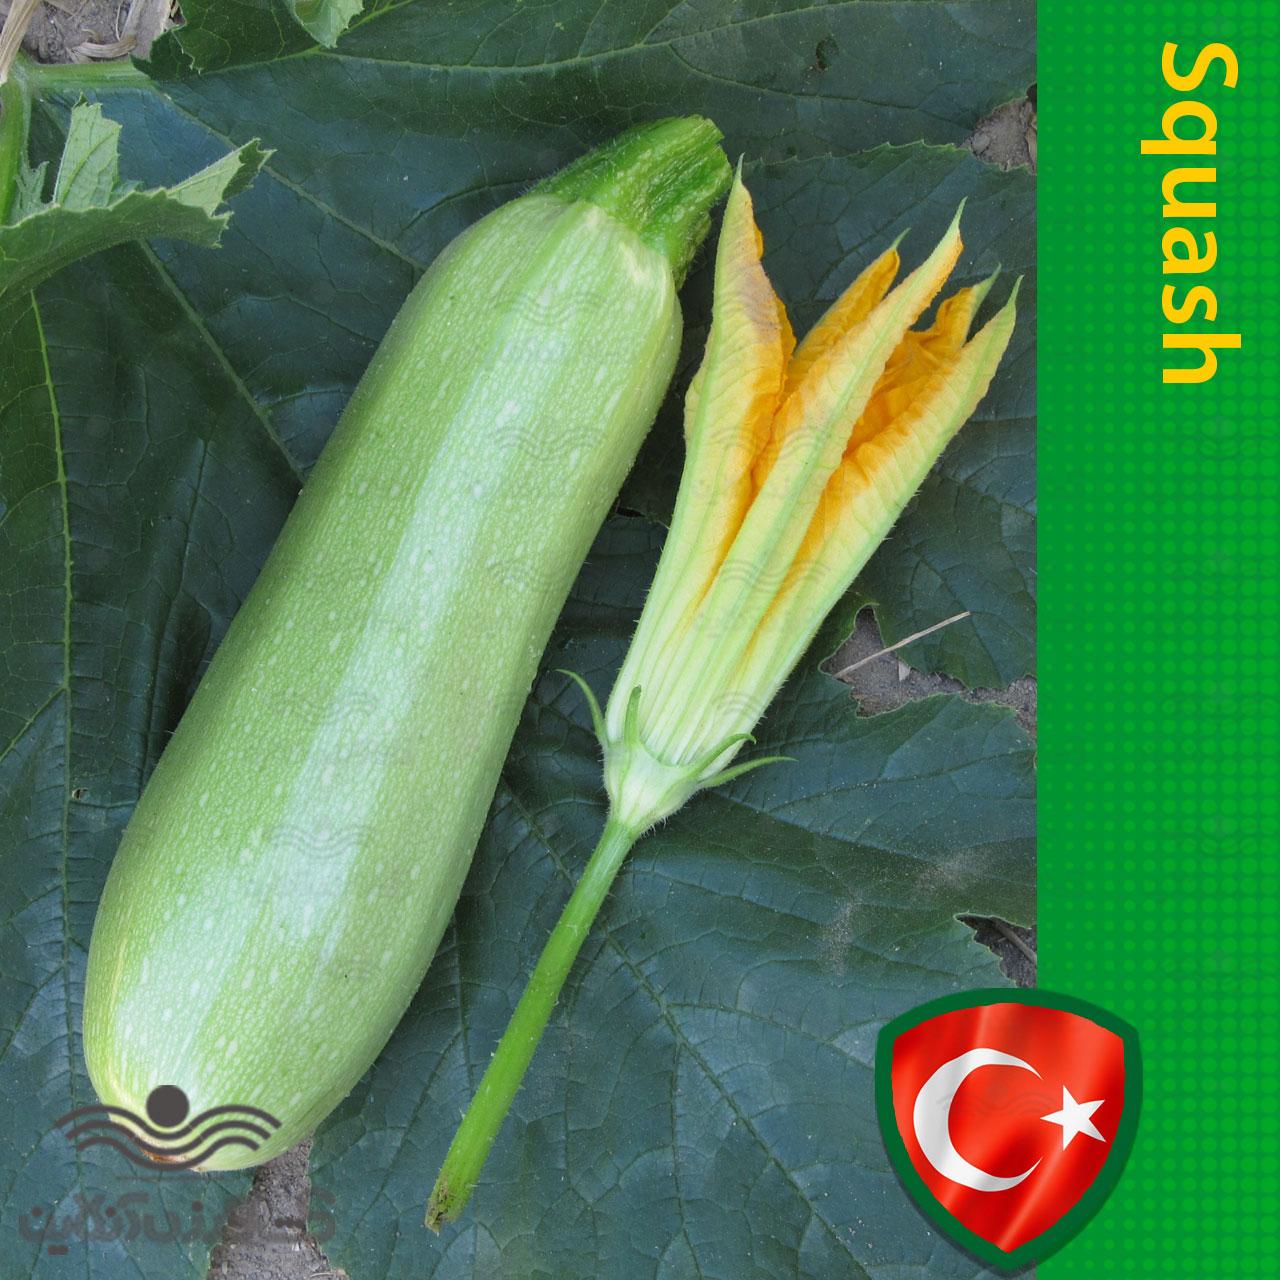 بذر کدو خورشتی ترک